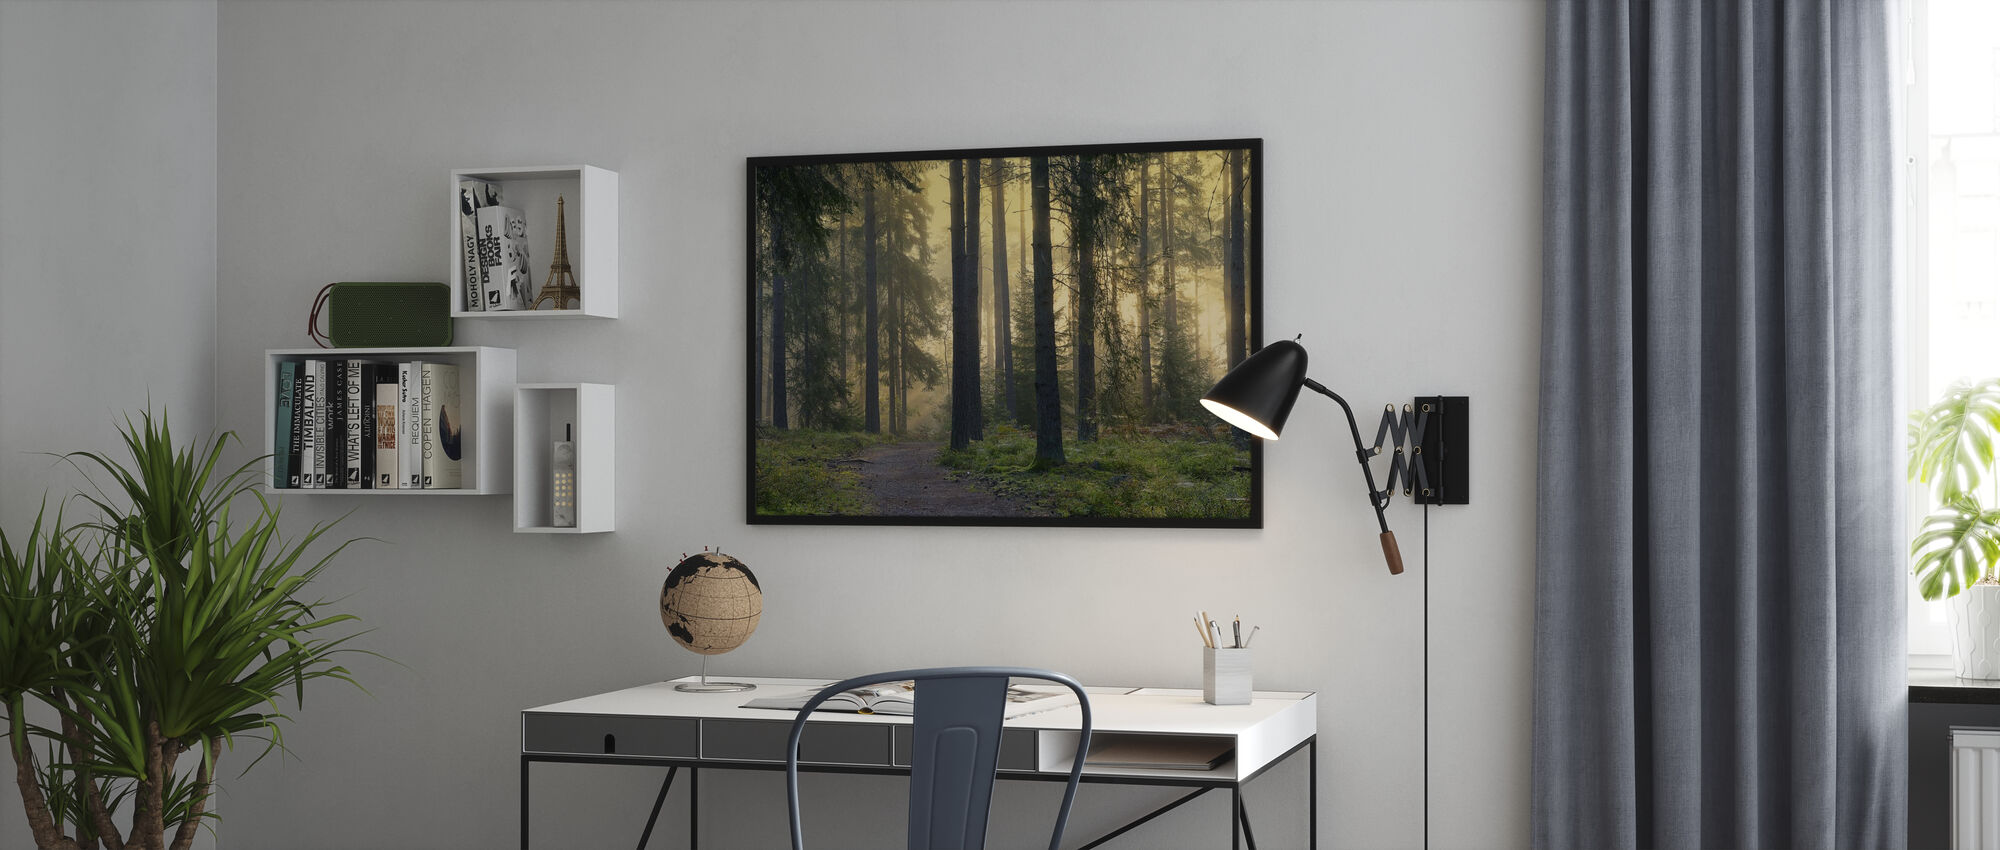 Skogs gångväg - Poster - Kontor